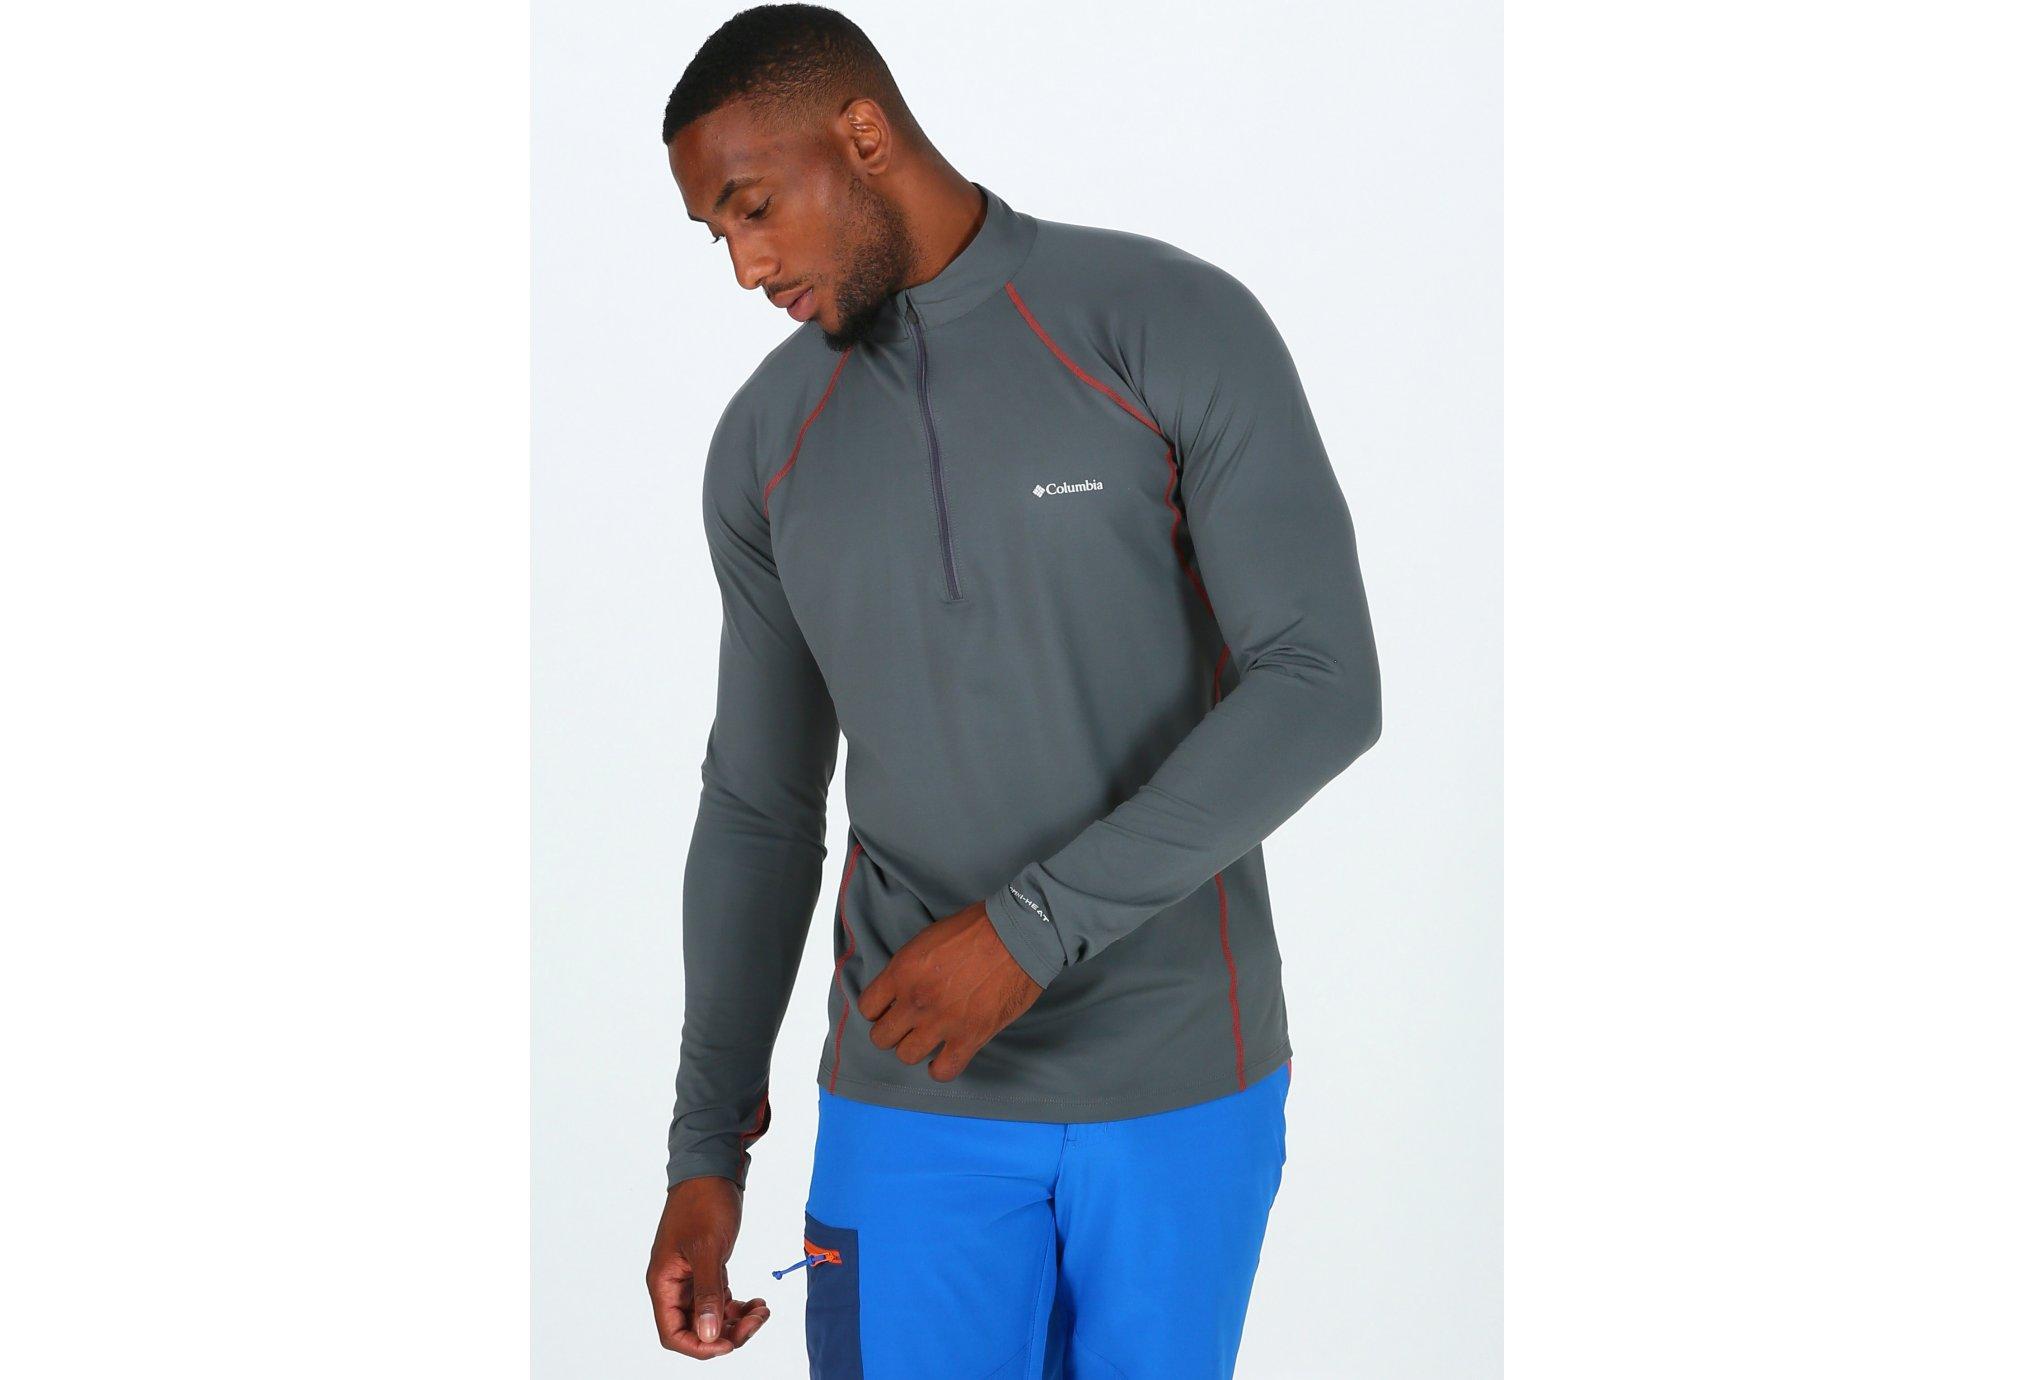 Columbia Midweight Stretch 1/2 zip M Diététique Vêtements homme